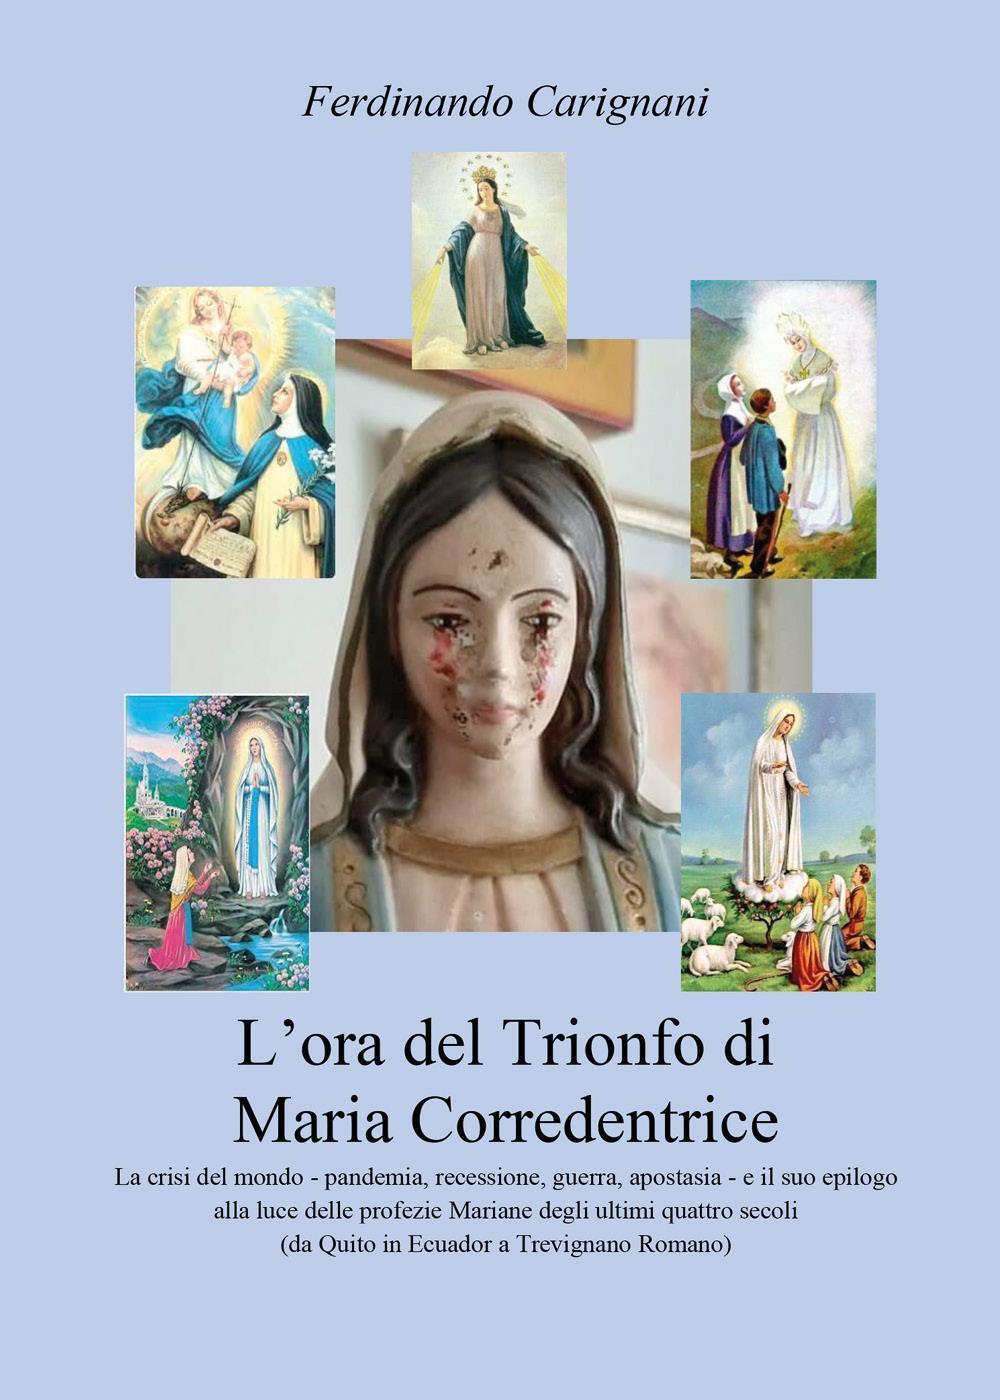 L'ora del trionfo di Maria Corredentrice